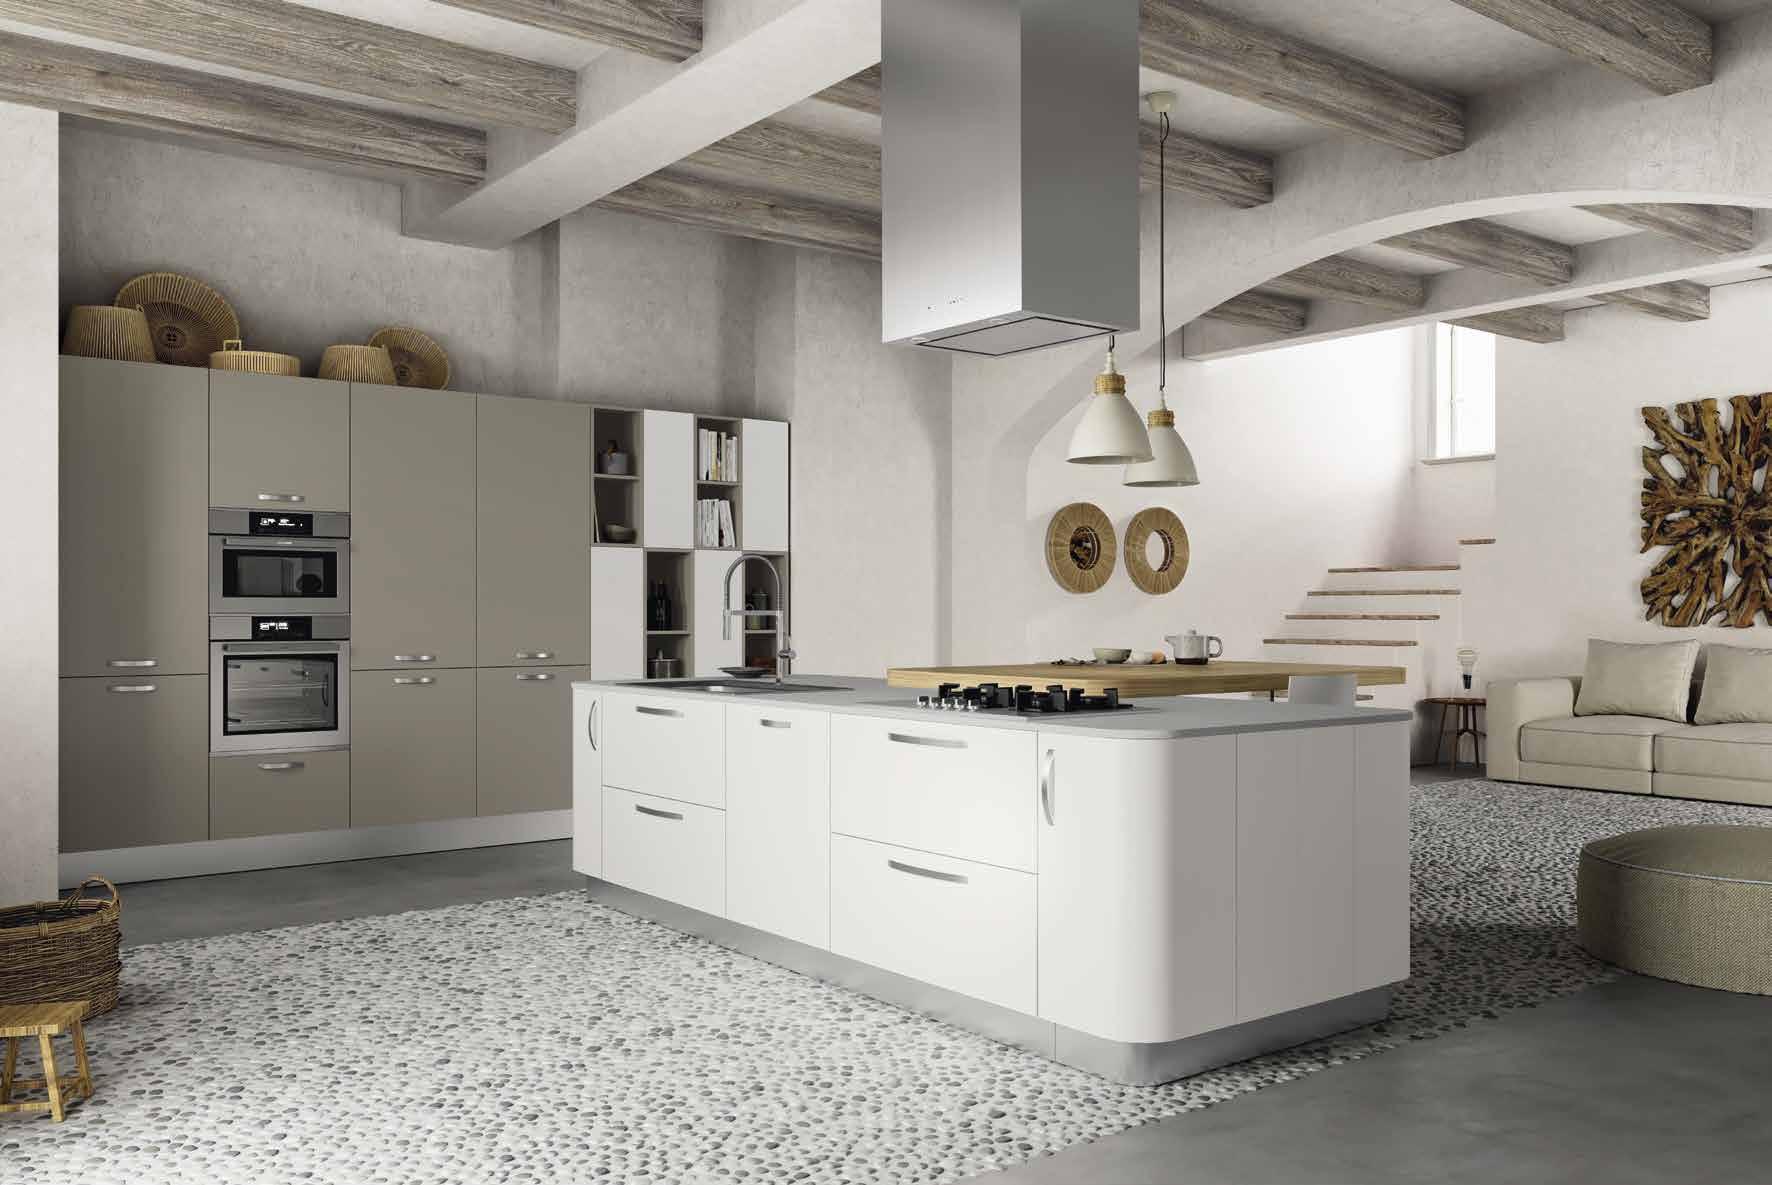 Κουζίνα laminate Λευκό ματ με γκρι ματ βακελιτη με στρογγυλα στοιχεια